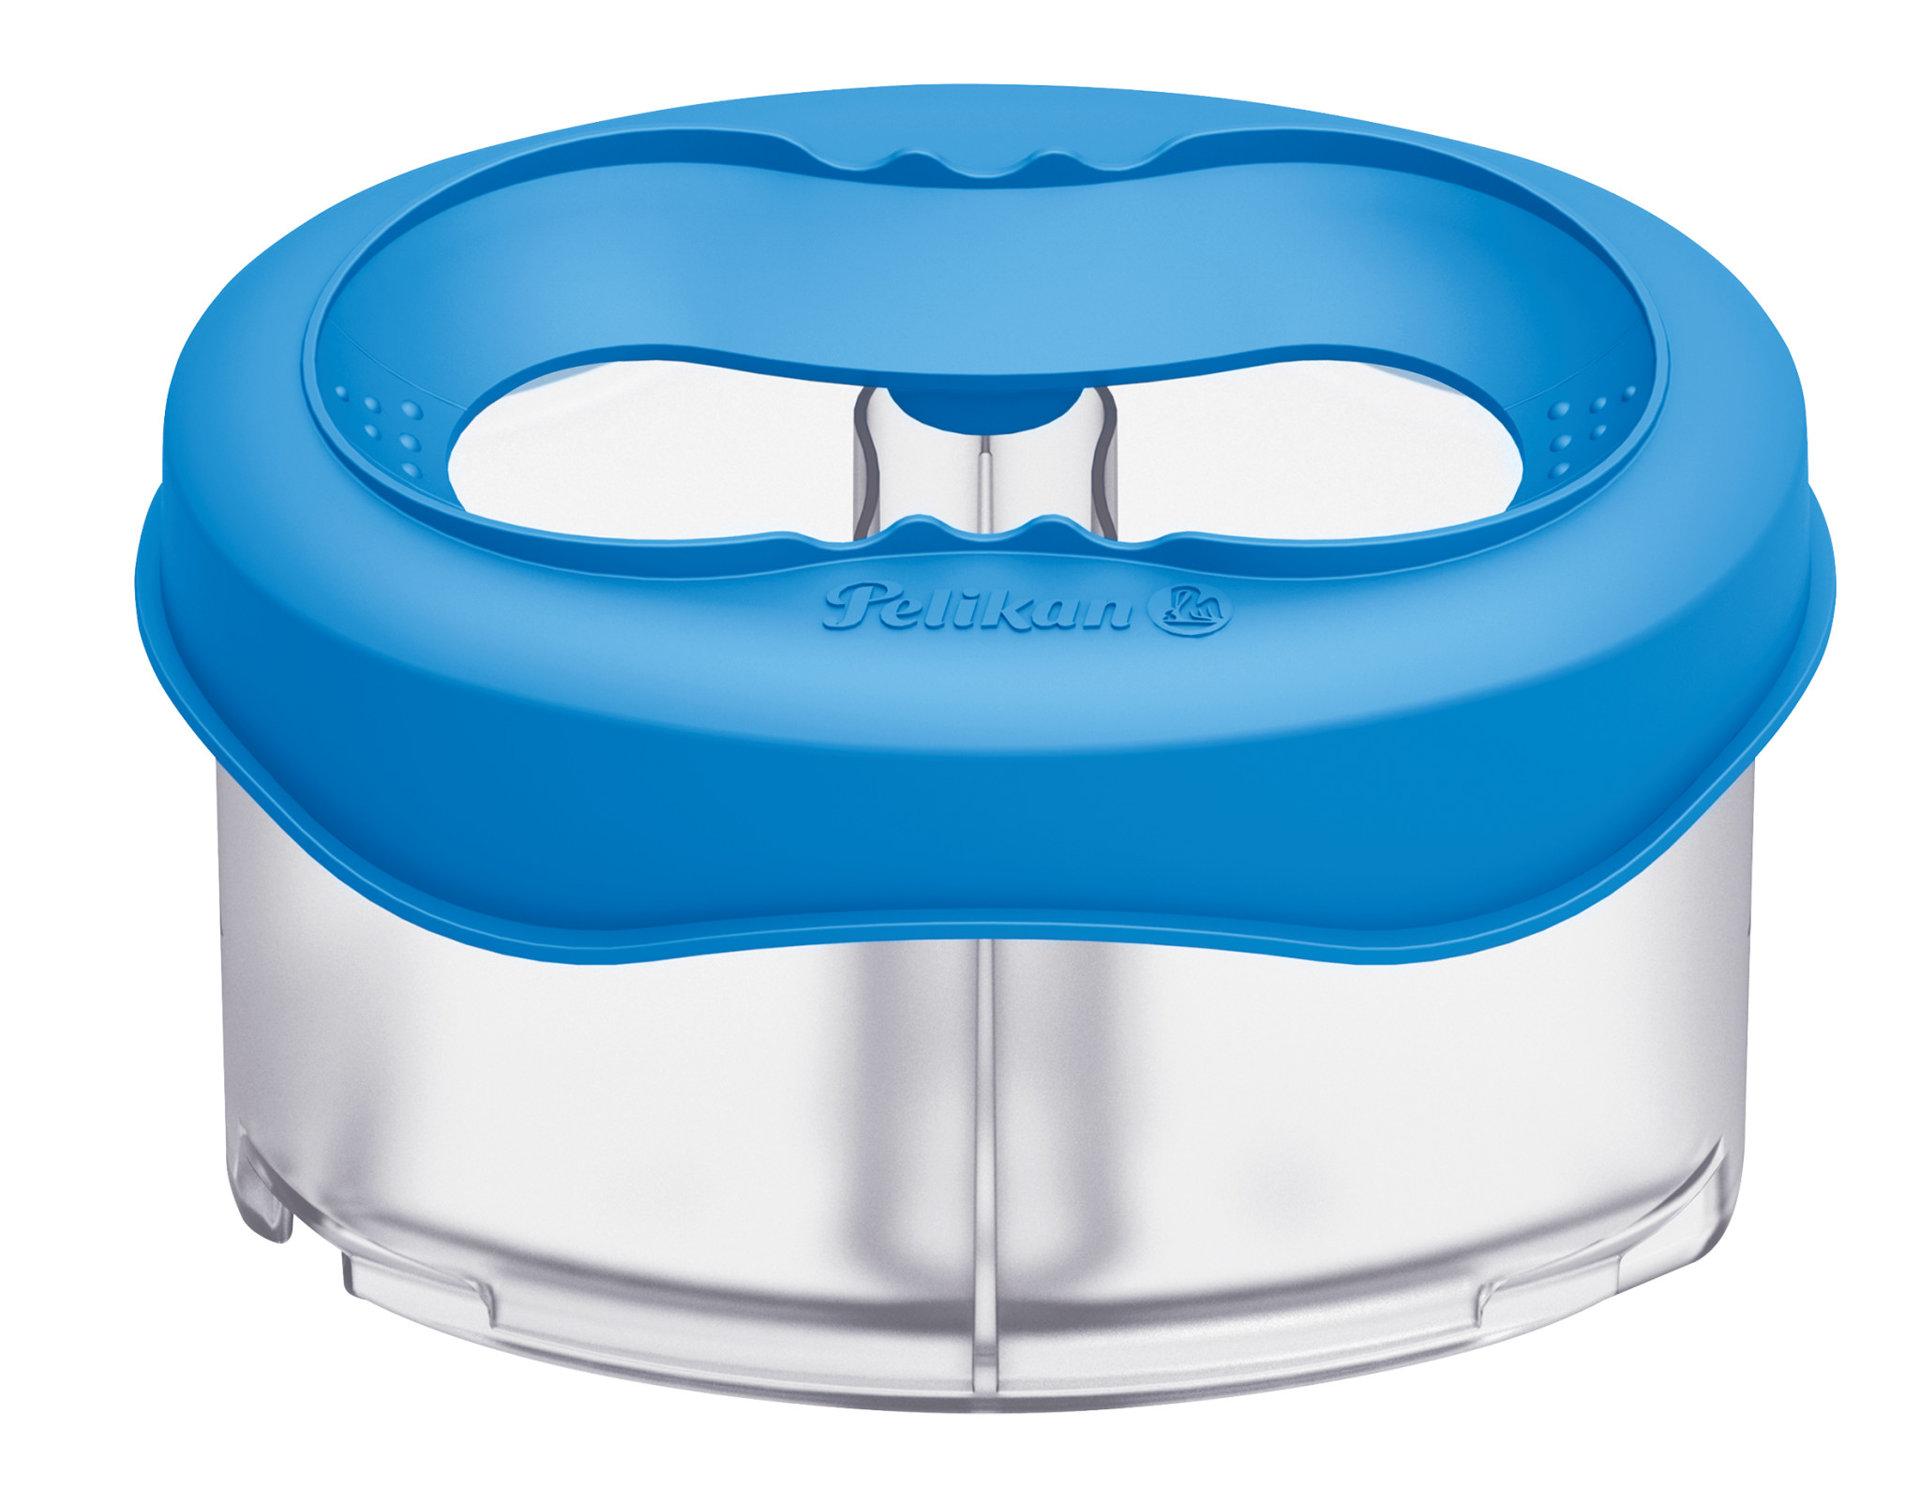 Obrázek Kelímek na vodu Pelikan, modrý